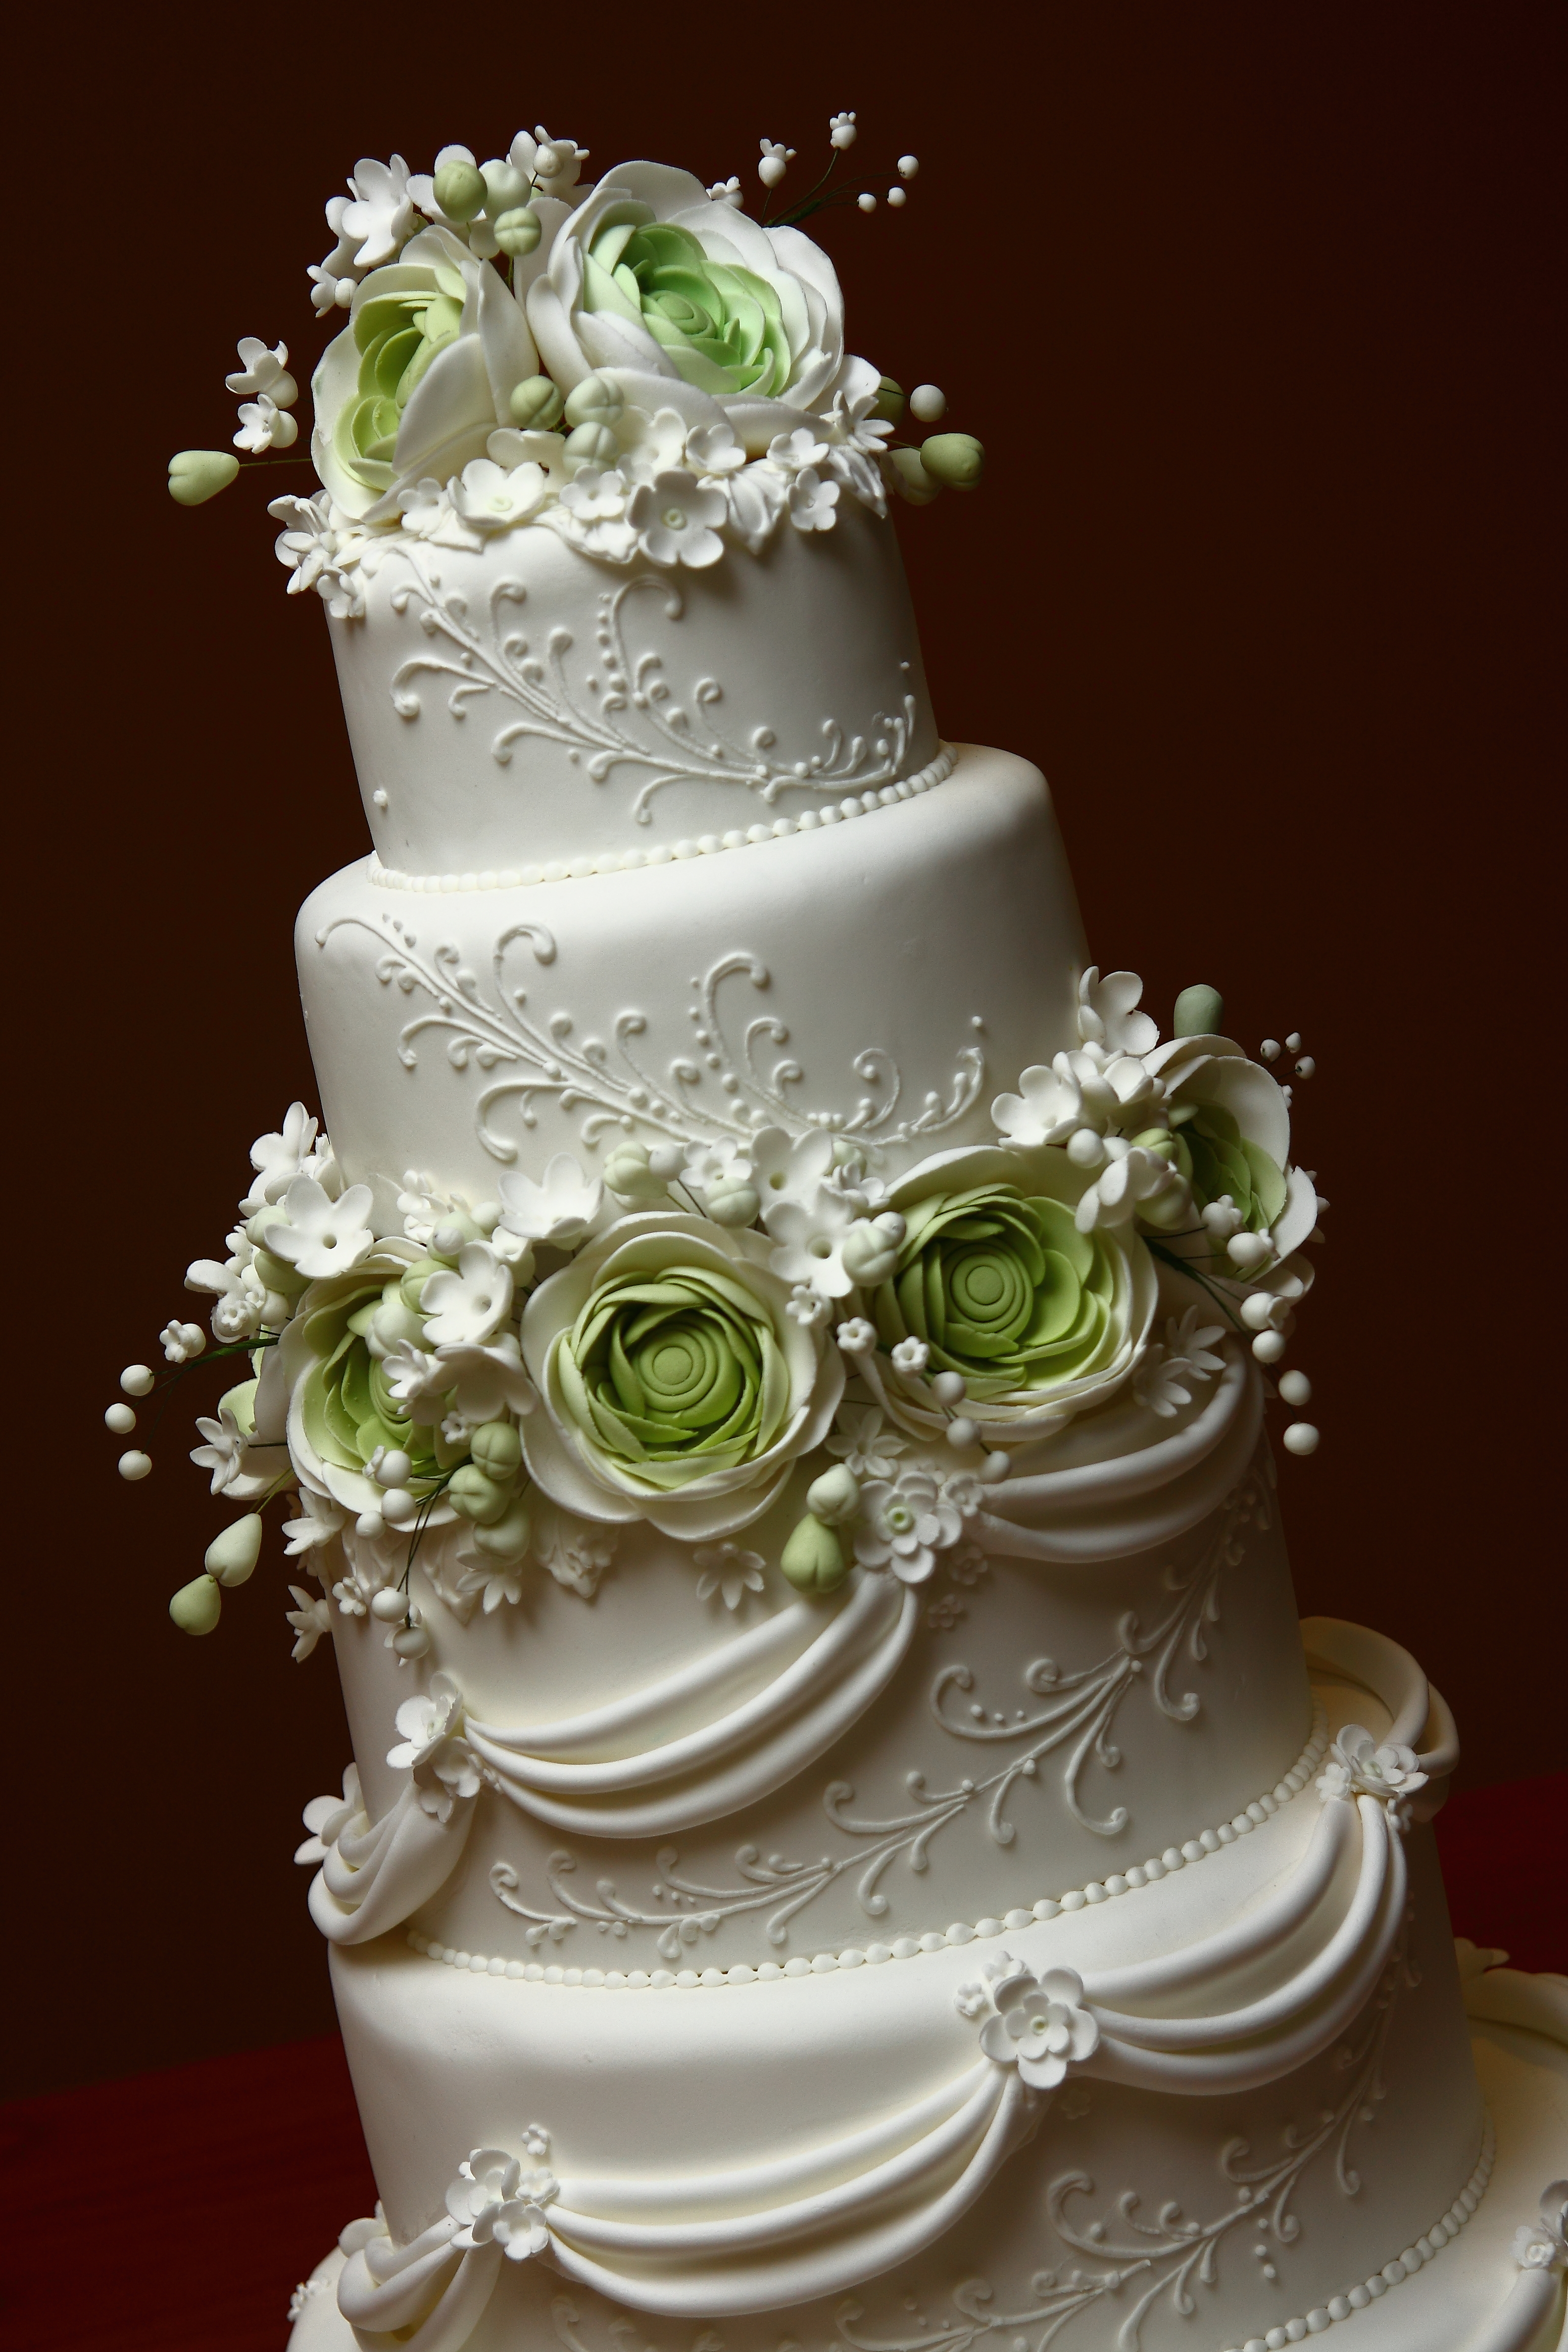 Cake Design With Picture : I pi? dolci peccati di gola Ecco le cake designer ...